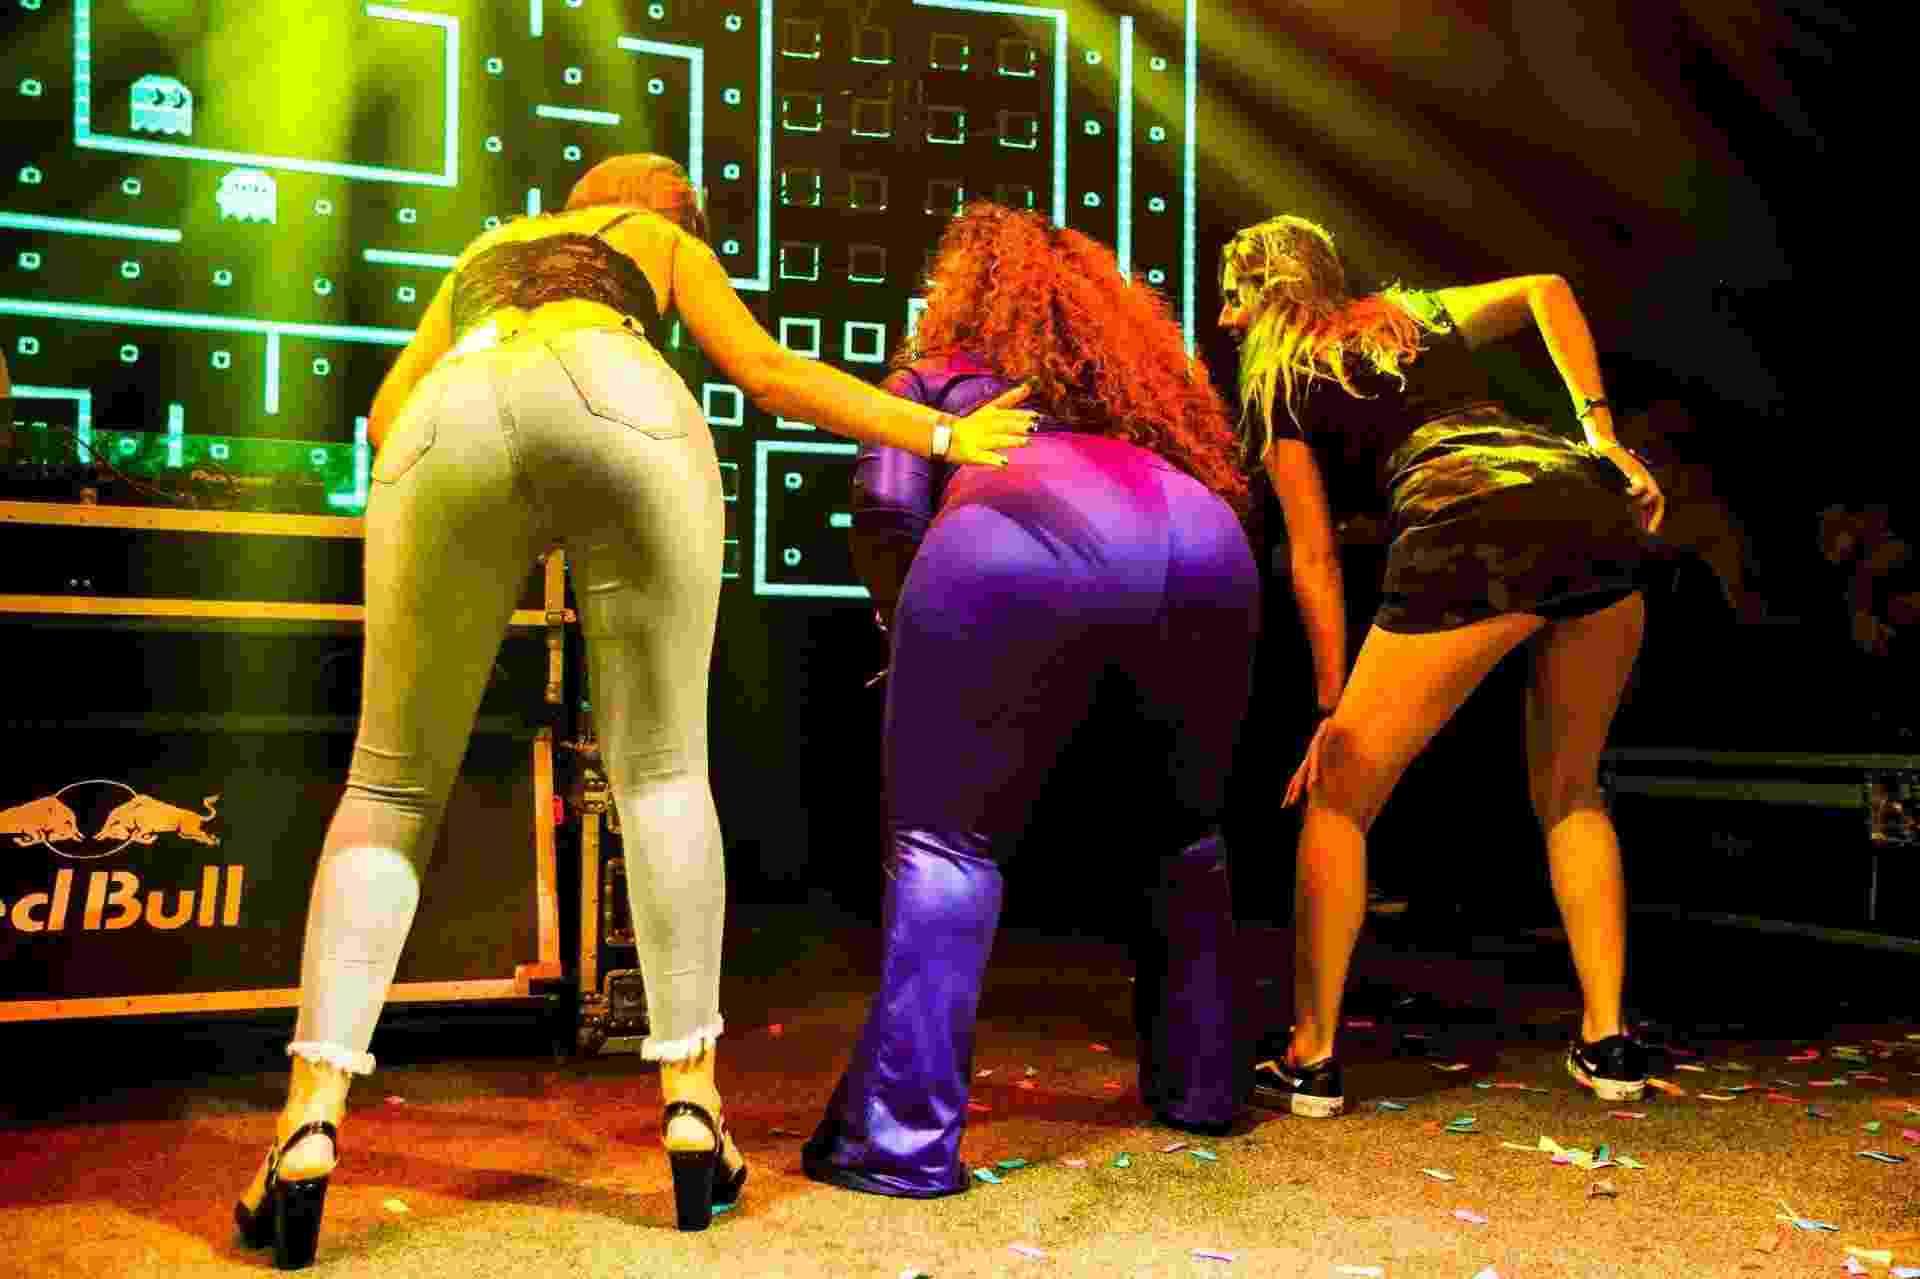 A estudante Nathalia Reis (dir) ganhou a chance de subir ao palco e dançar com Jojo Todynho durante show no Villa Mix, em São Paulo - Mariana Pekin/UOL